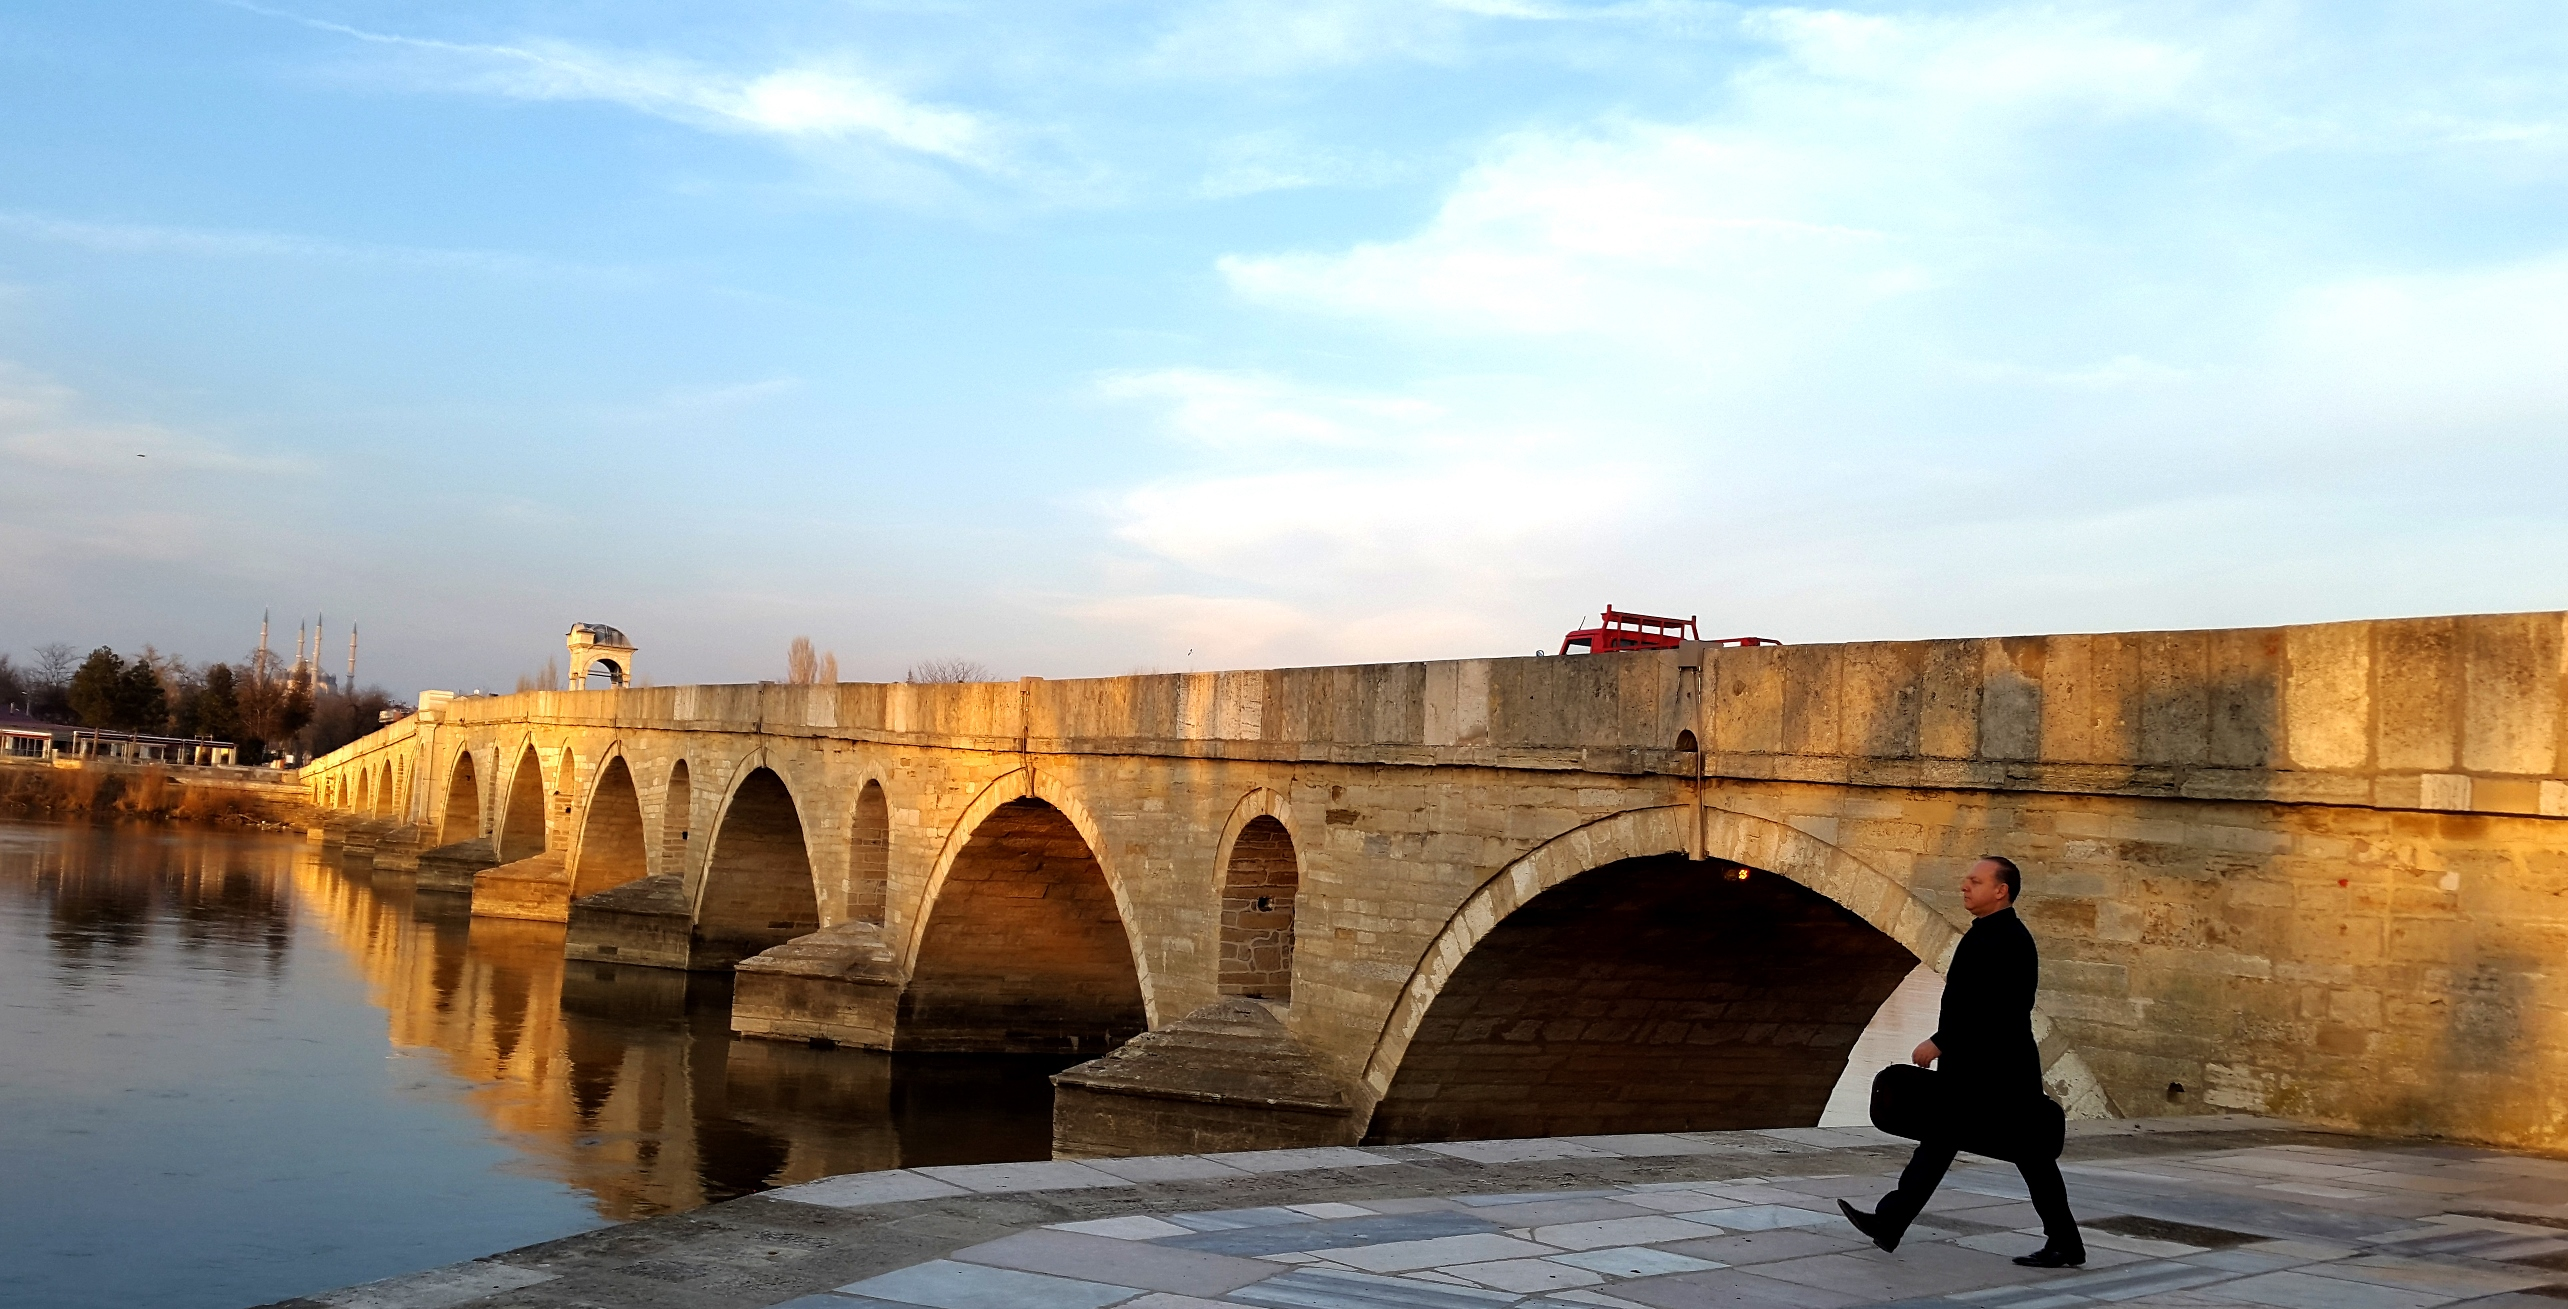 Bridge across River Meriç, Edirne